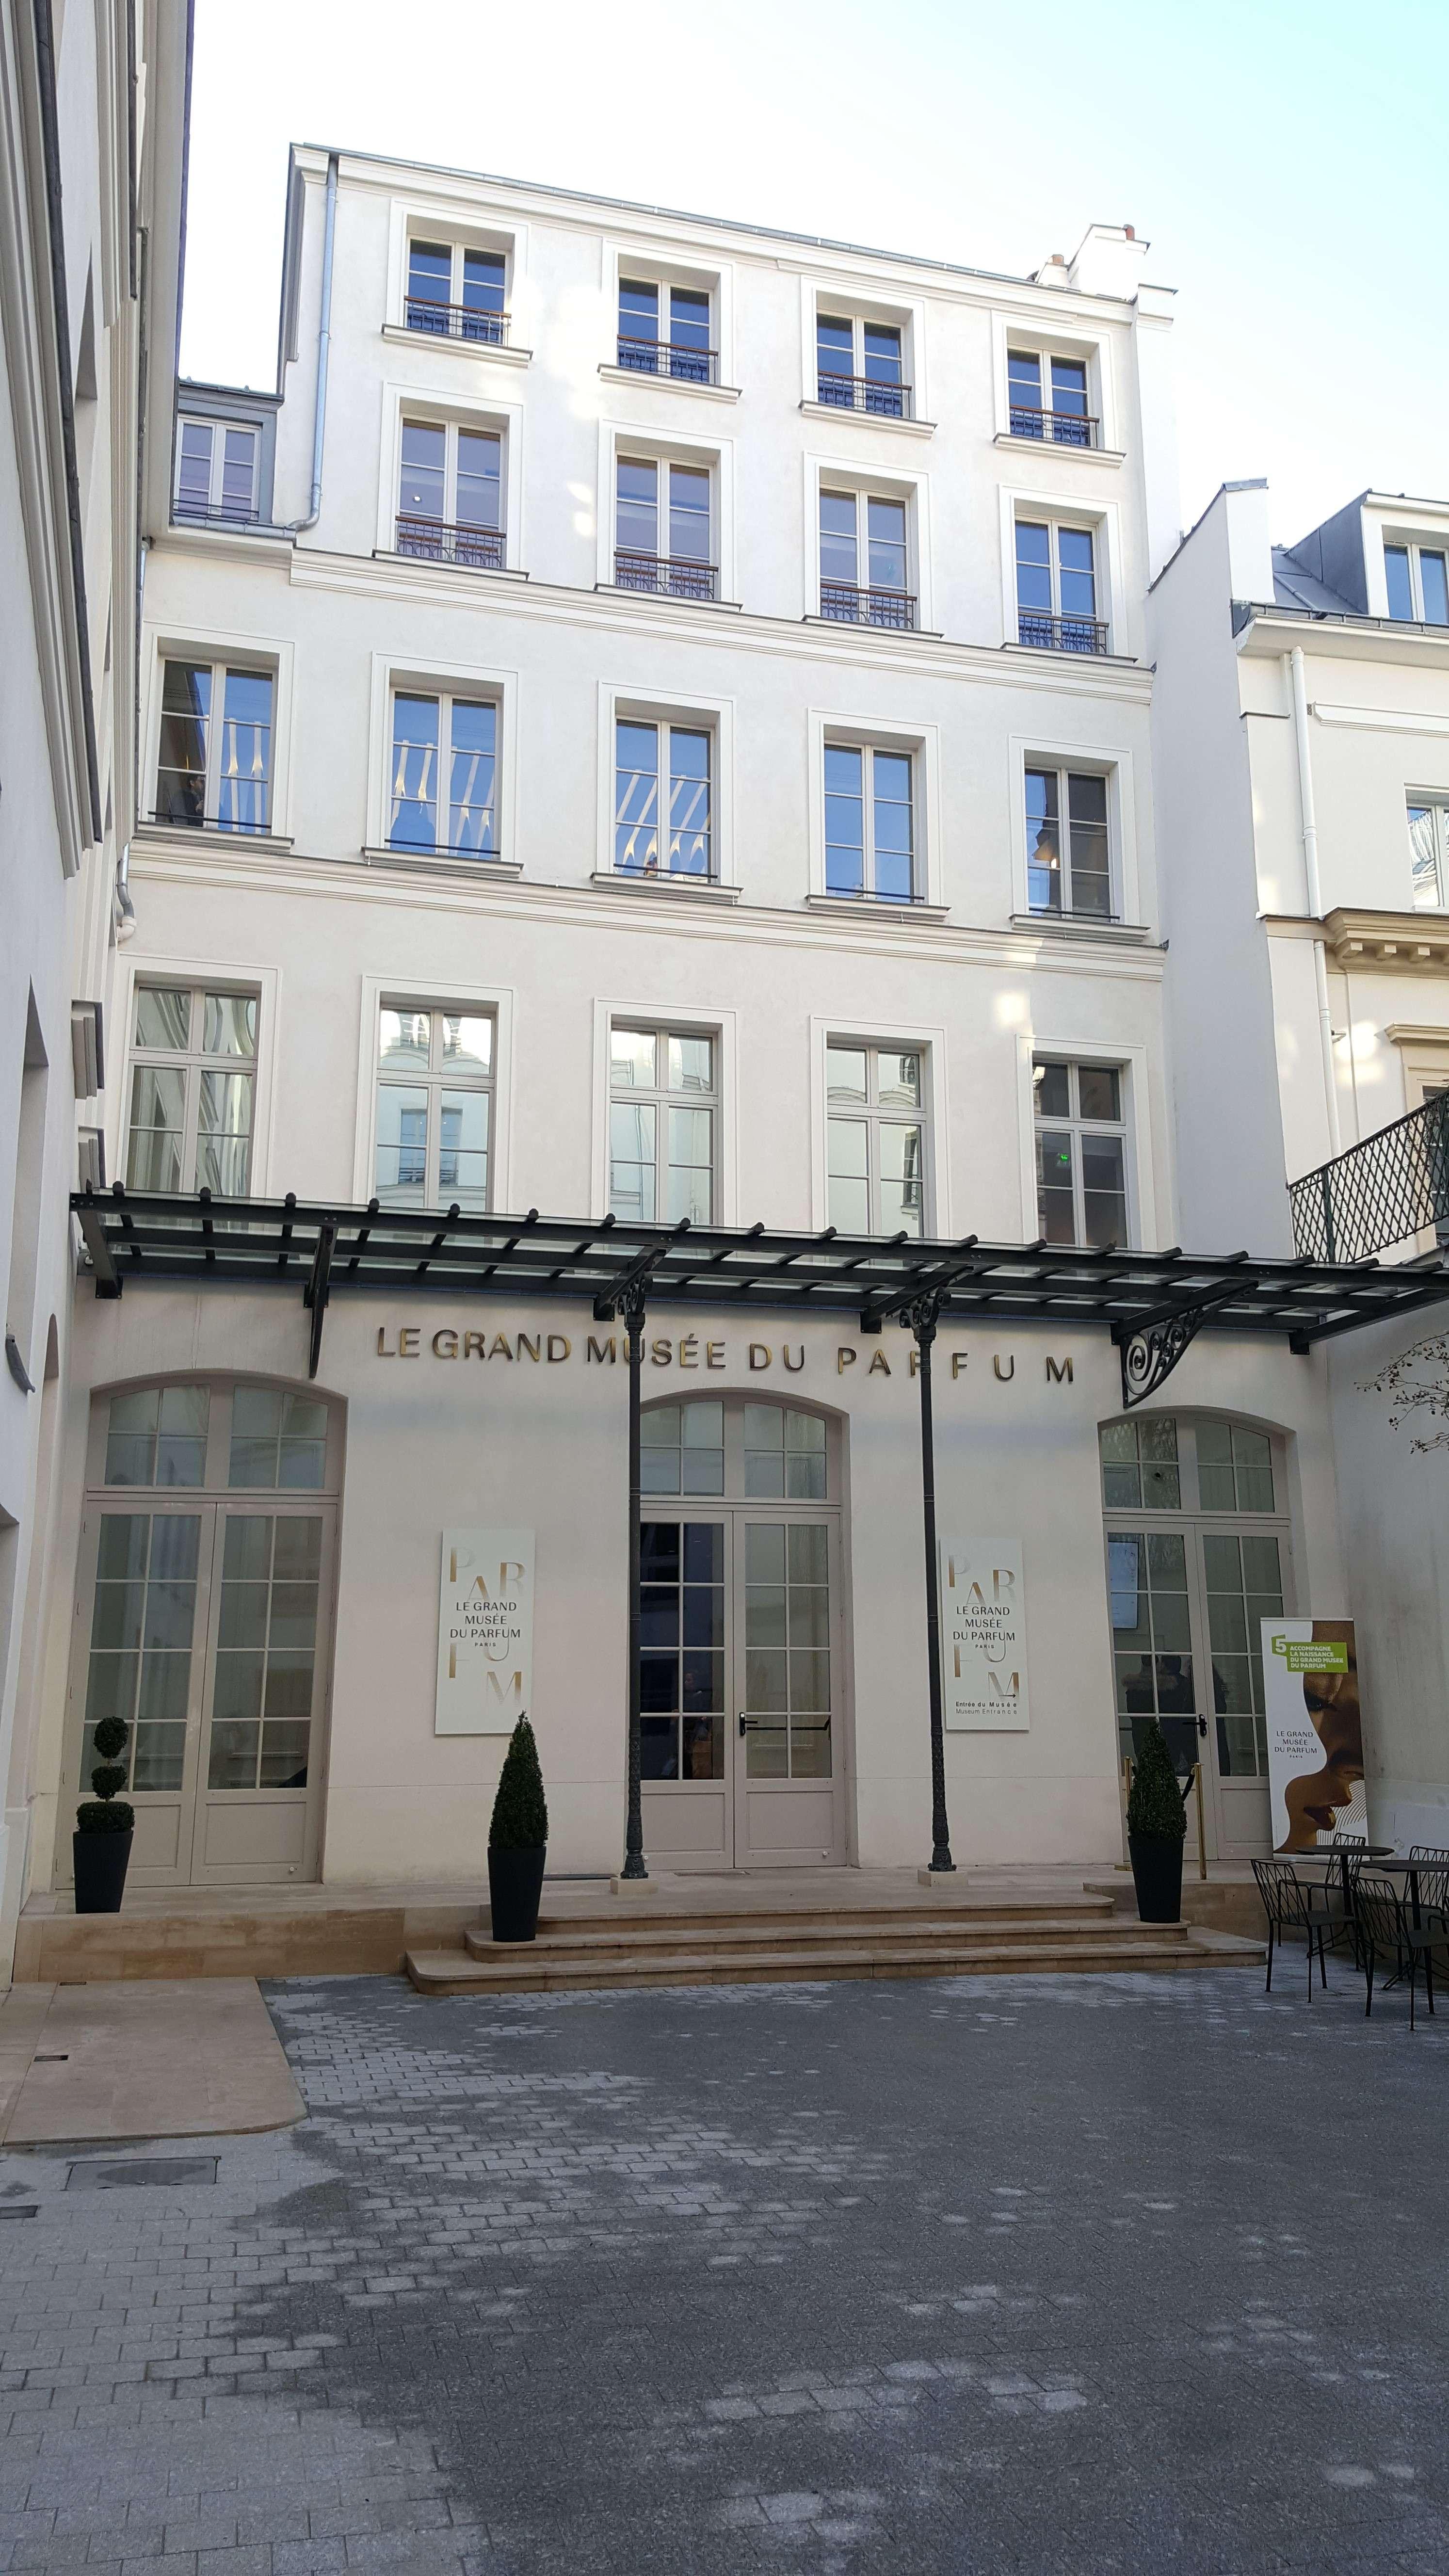 Fatada exterioarà a Marelui muzeu al parfumului